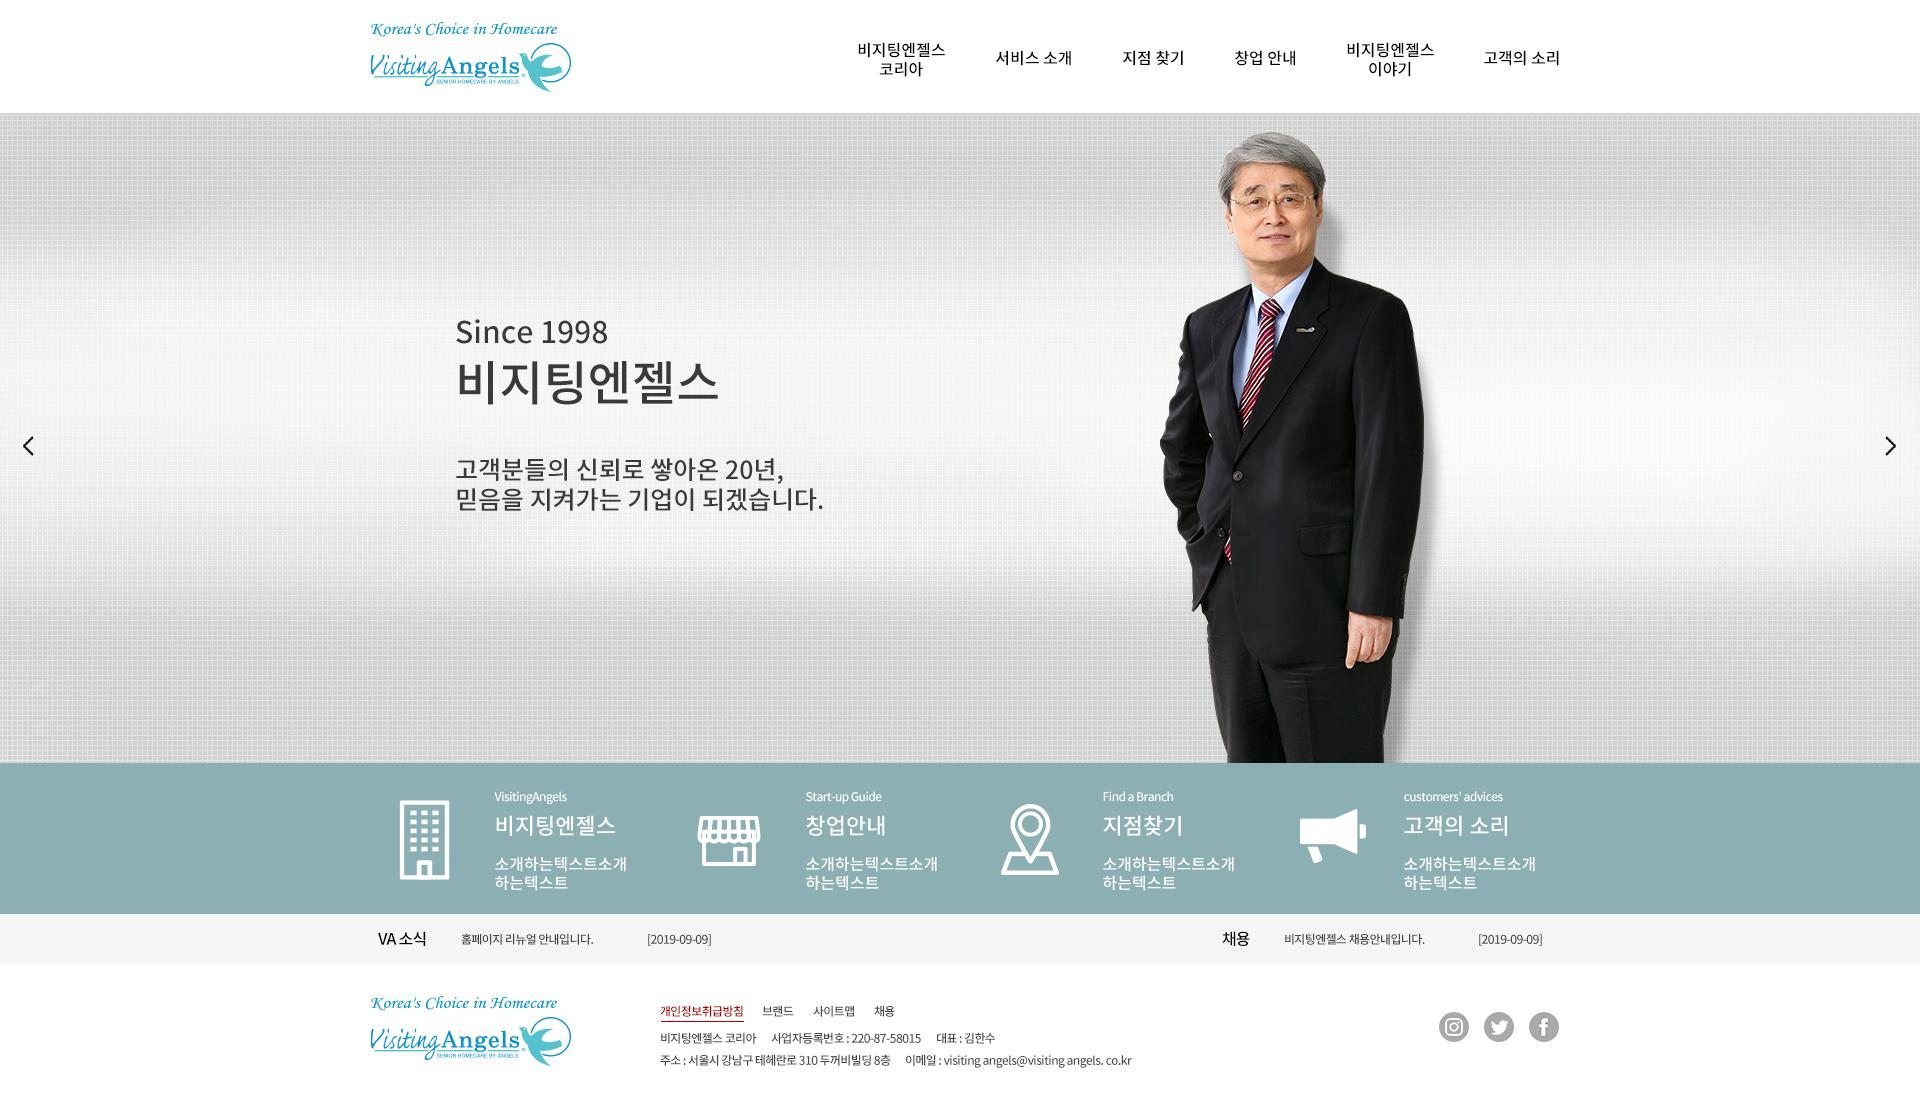 [반응형 회사홈페이지] 간병 간호 전문회사 주식회사 비지팅엔젤스